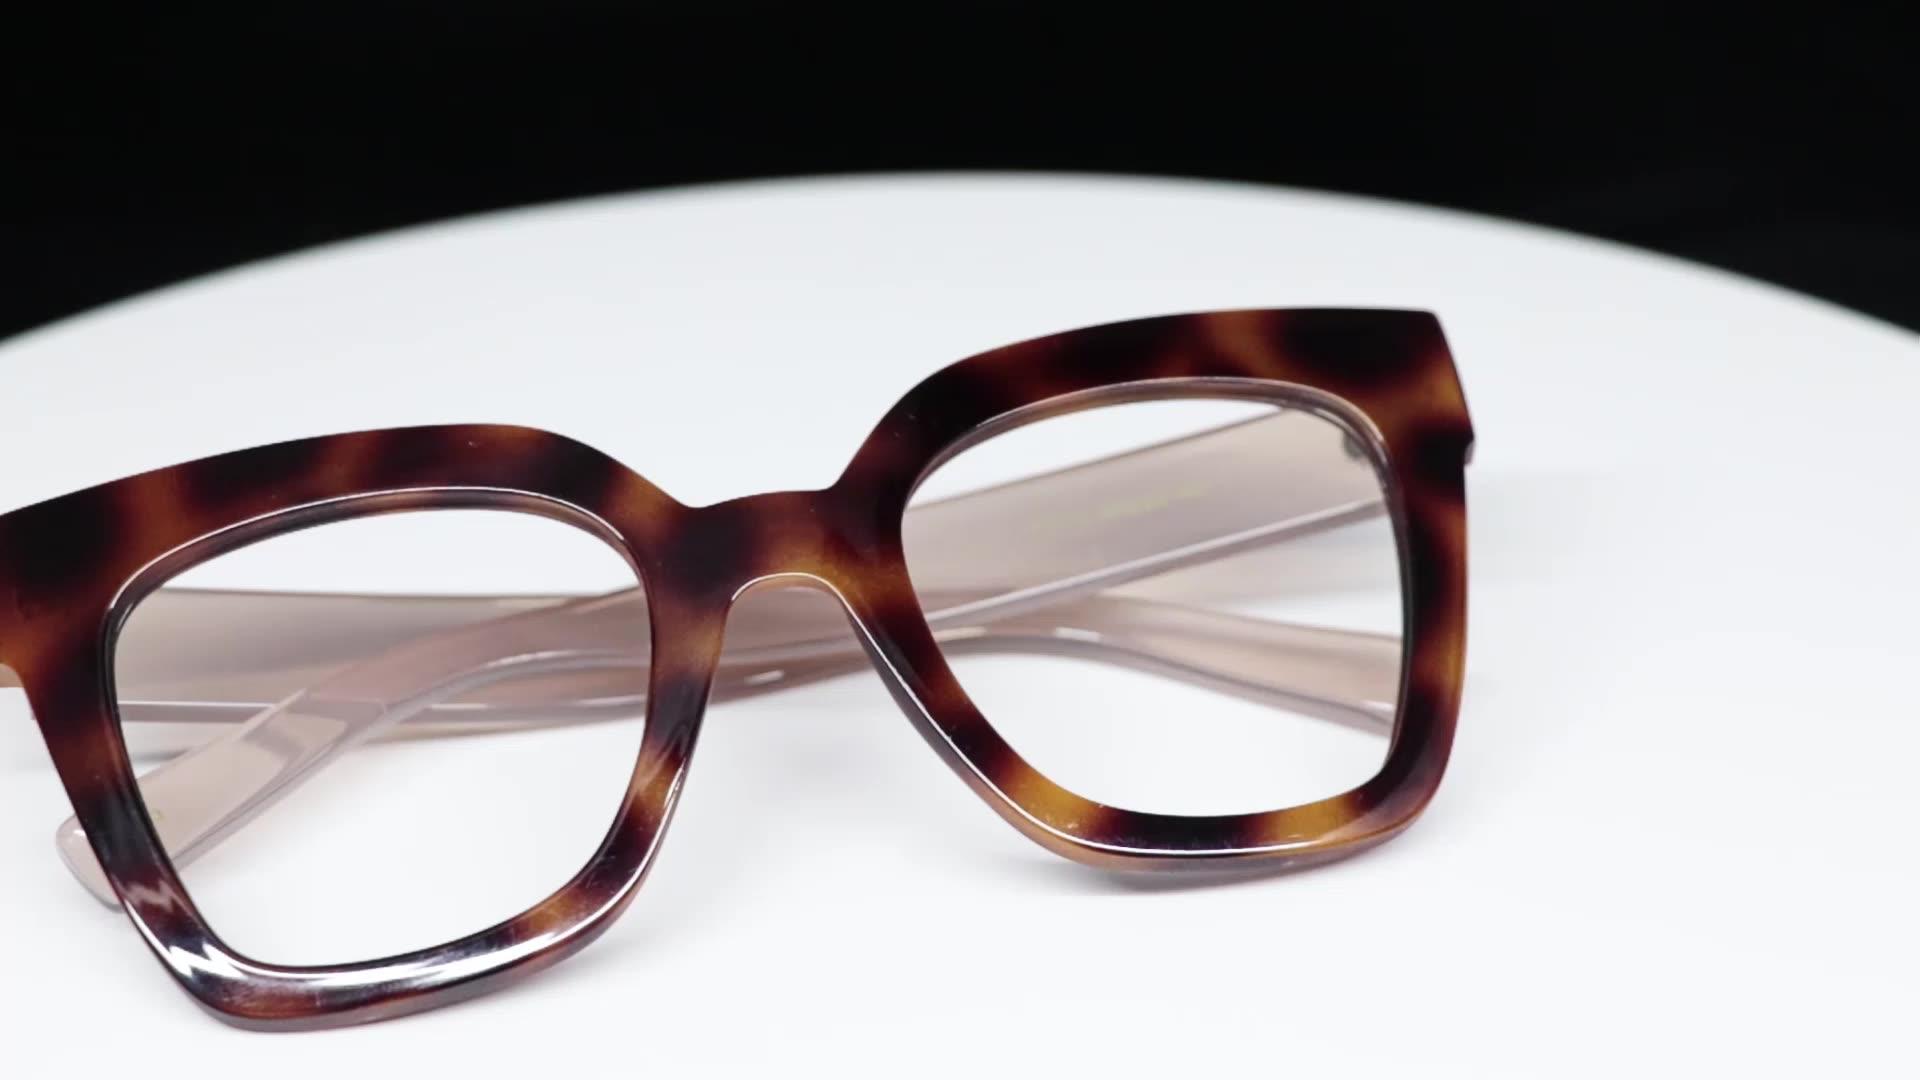 新着女性スタイリッシュtr90 猫目亀シャンパン眼鏡フレーム光学眼鏡眼鏡